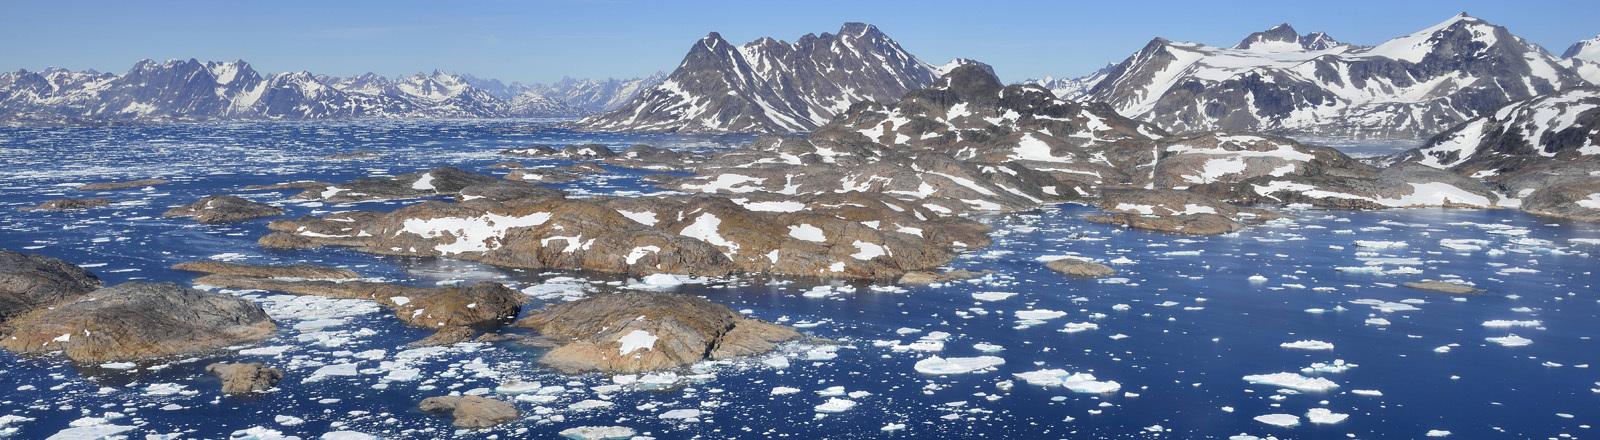 Der Osten Grönlands, die Region Ammassalik